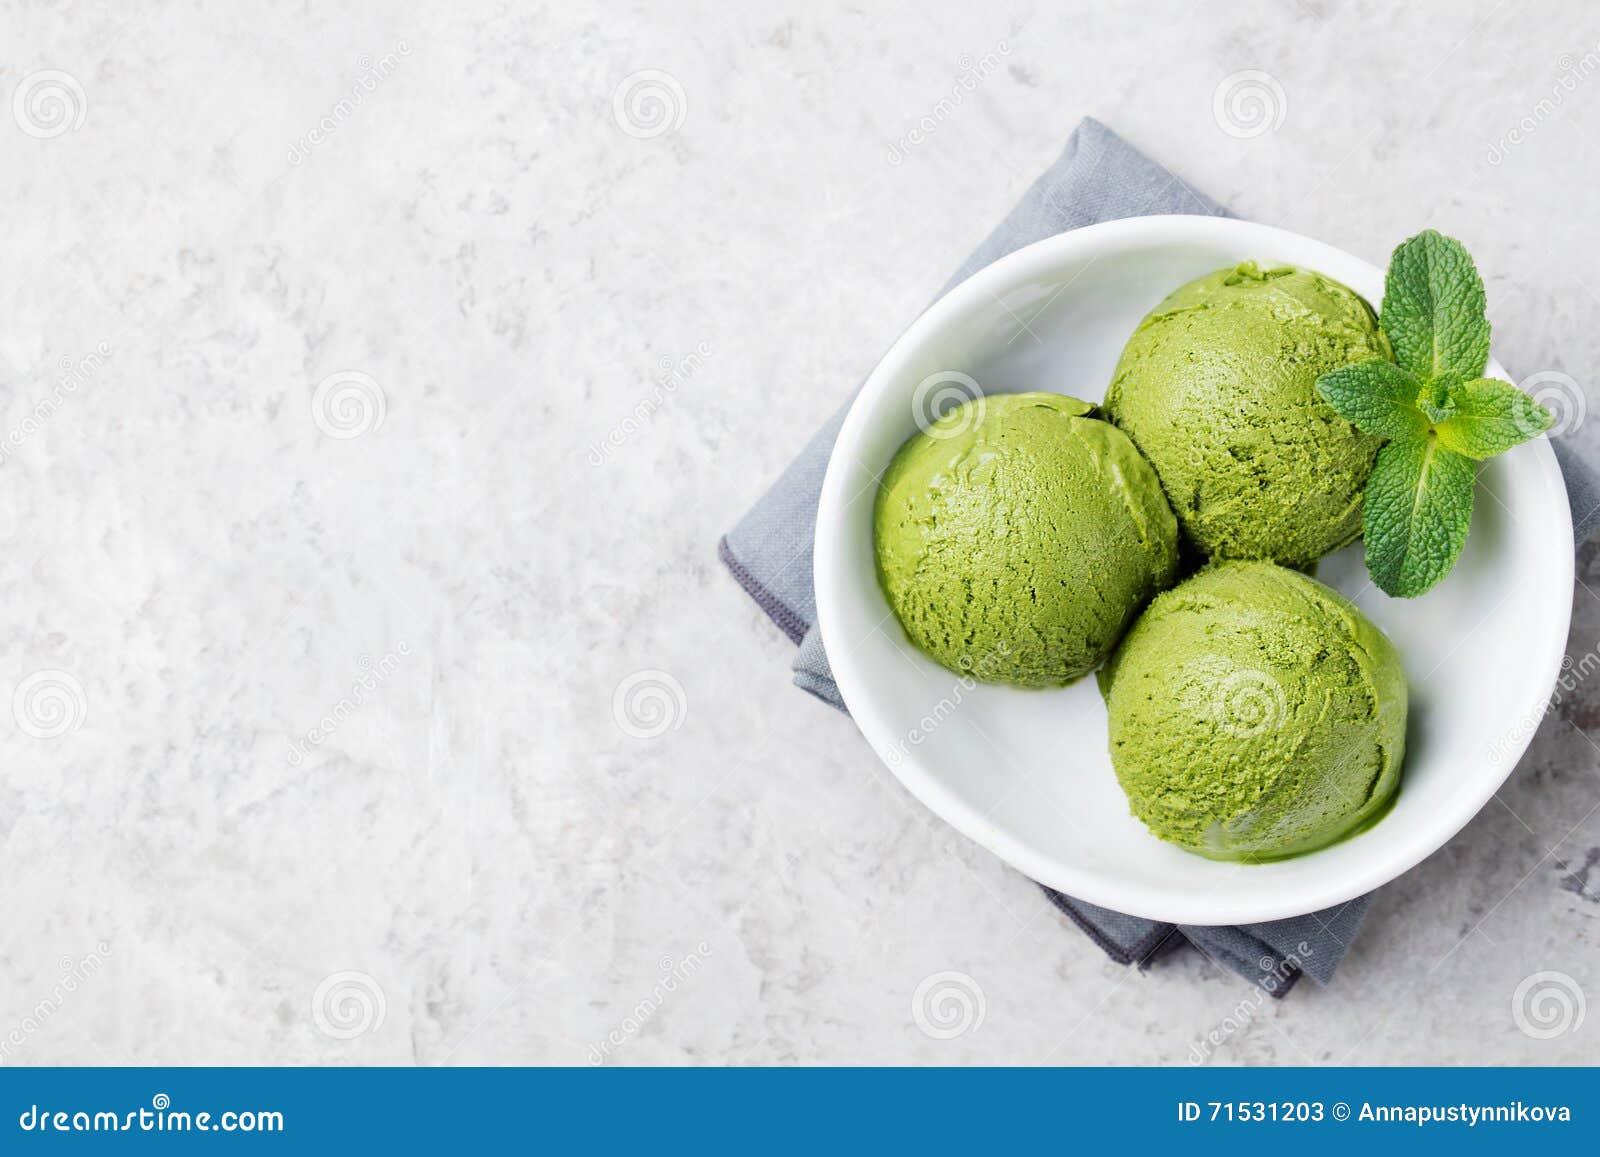 För matchaglass för grönt te skopa i den vita bunken på en grå stenbakgrund Bästa sikt för kopieringsutrymme